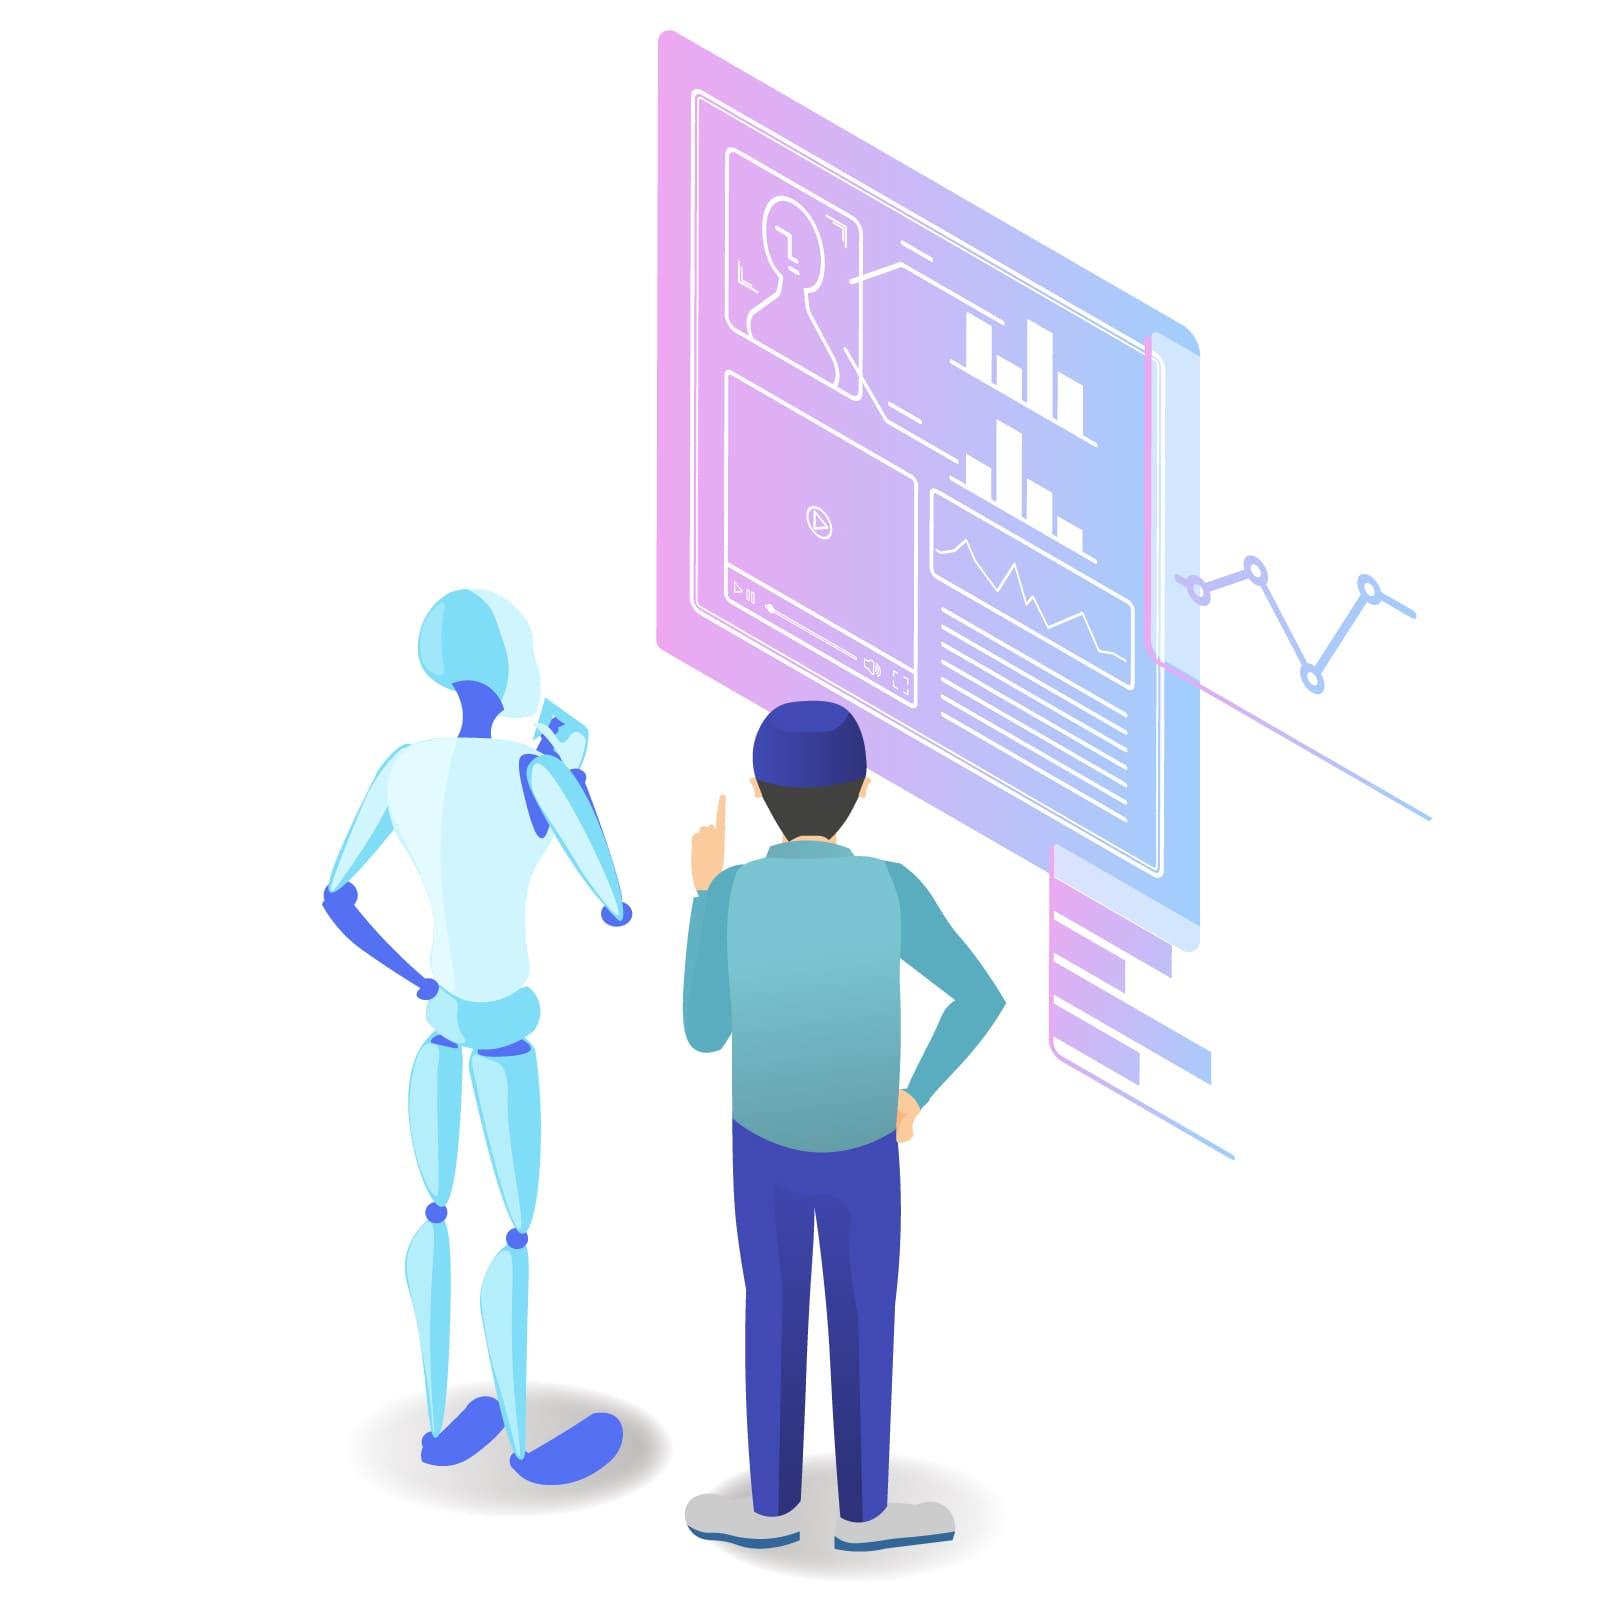 AIと人間の情報伝達イメージ